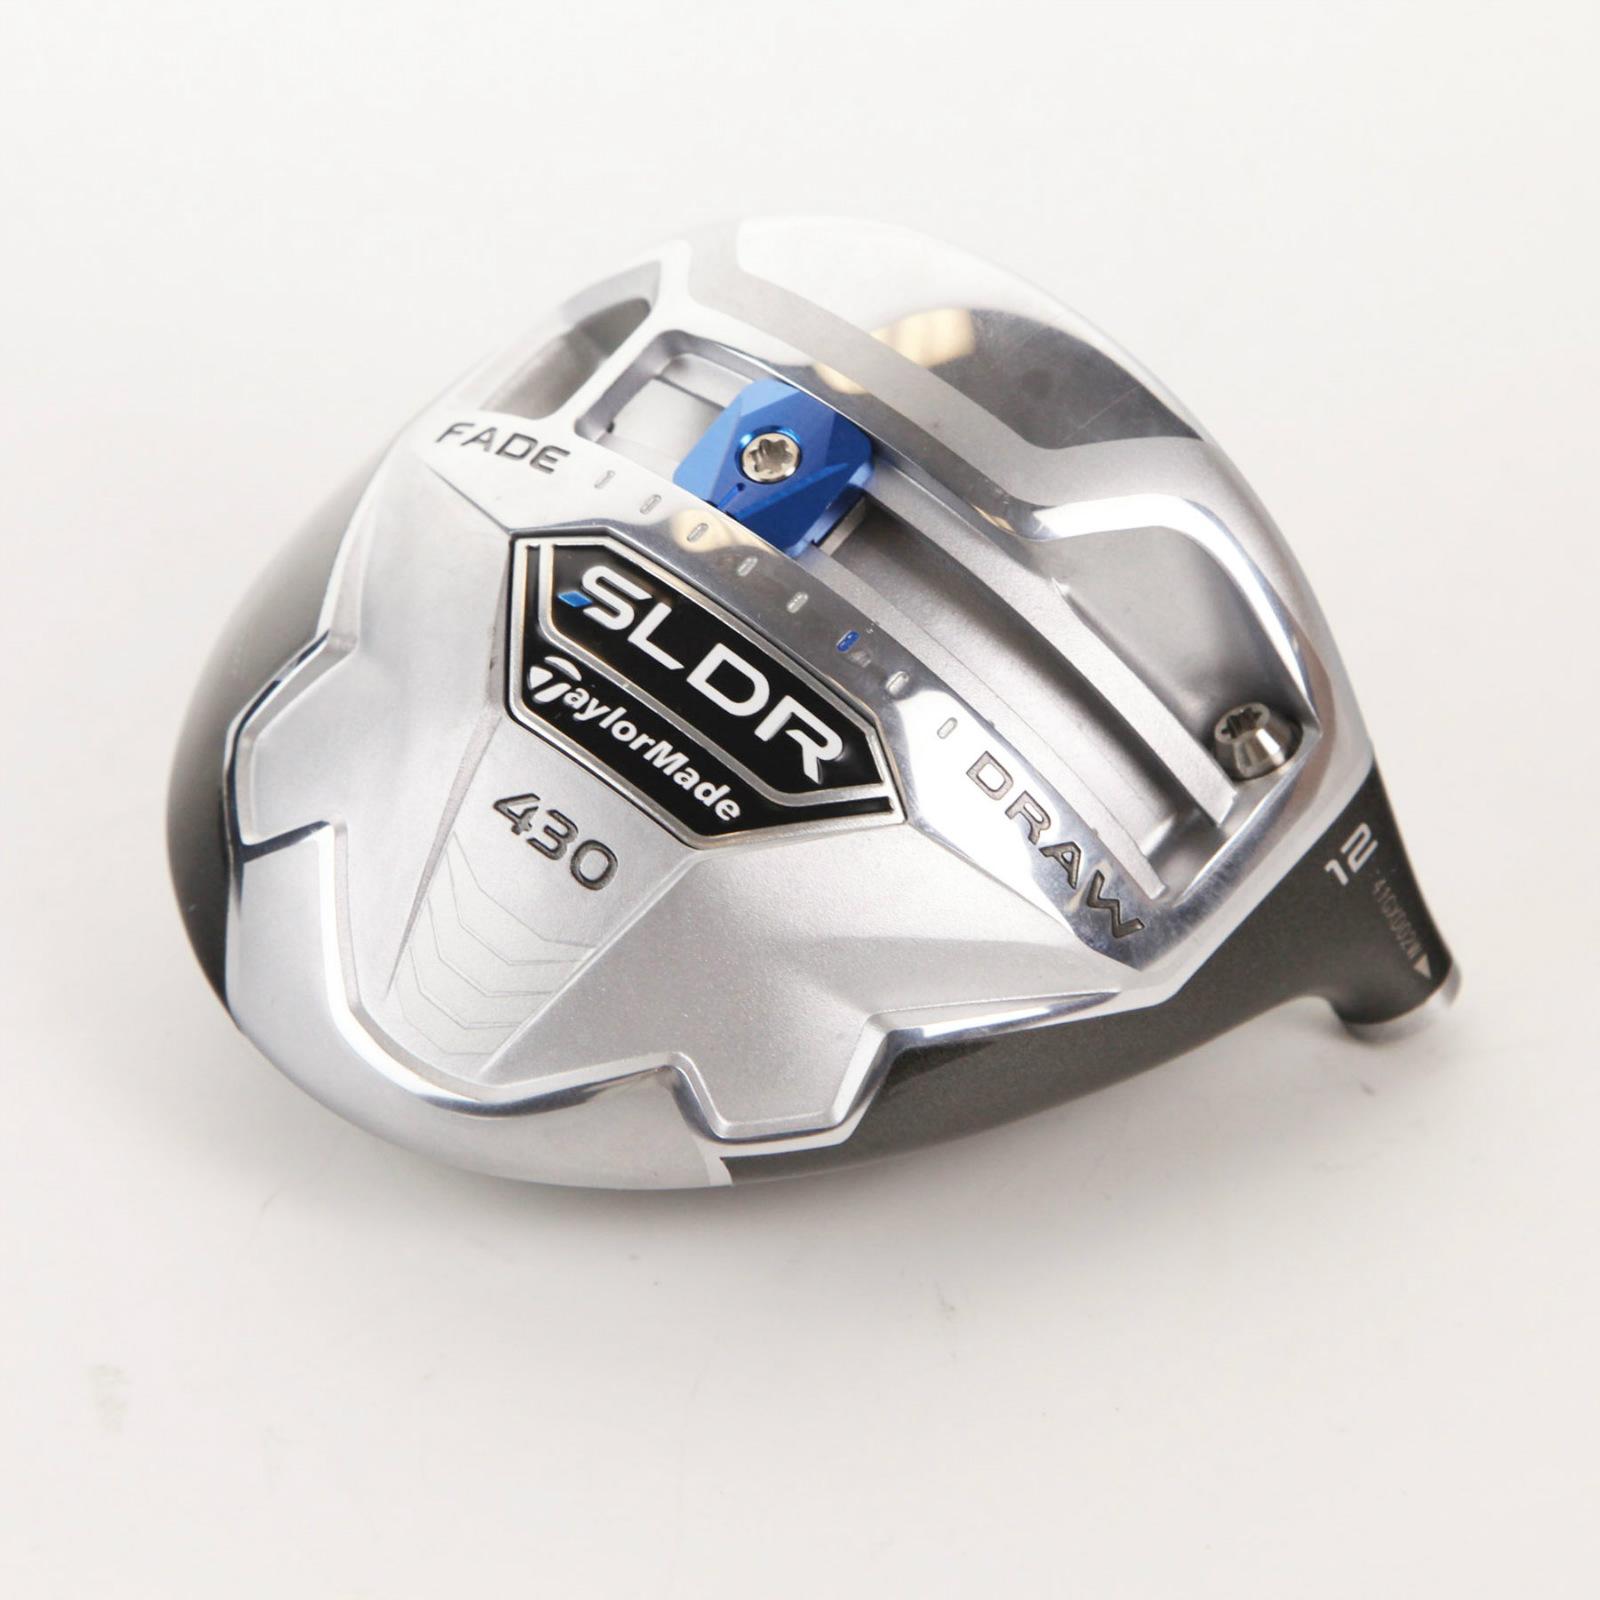 2nd Swing Golf